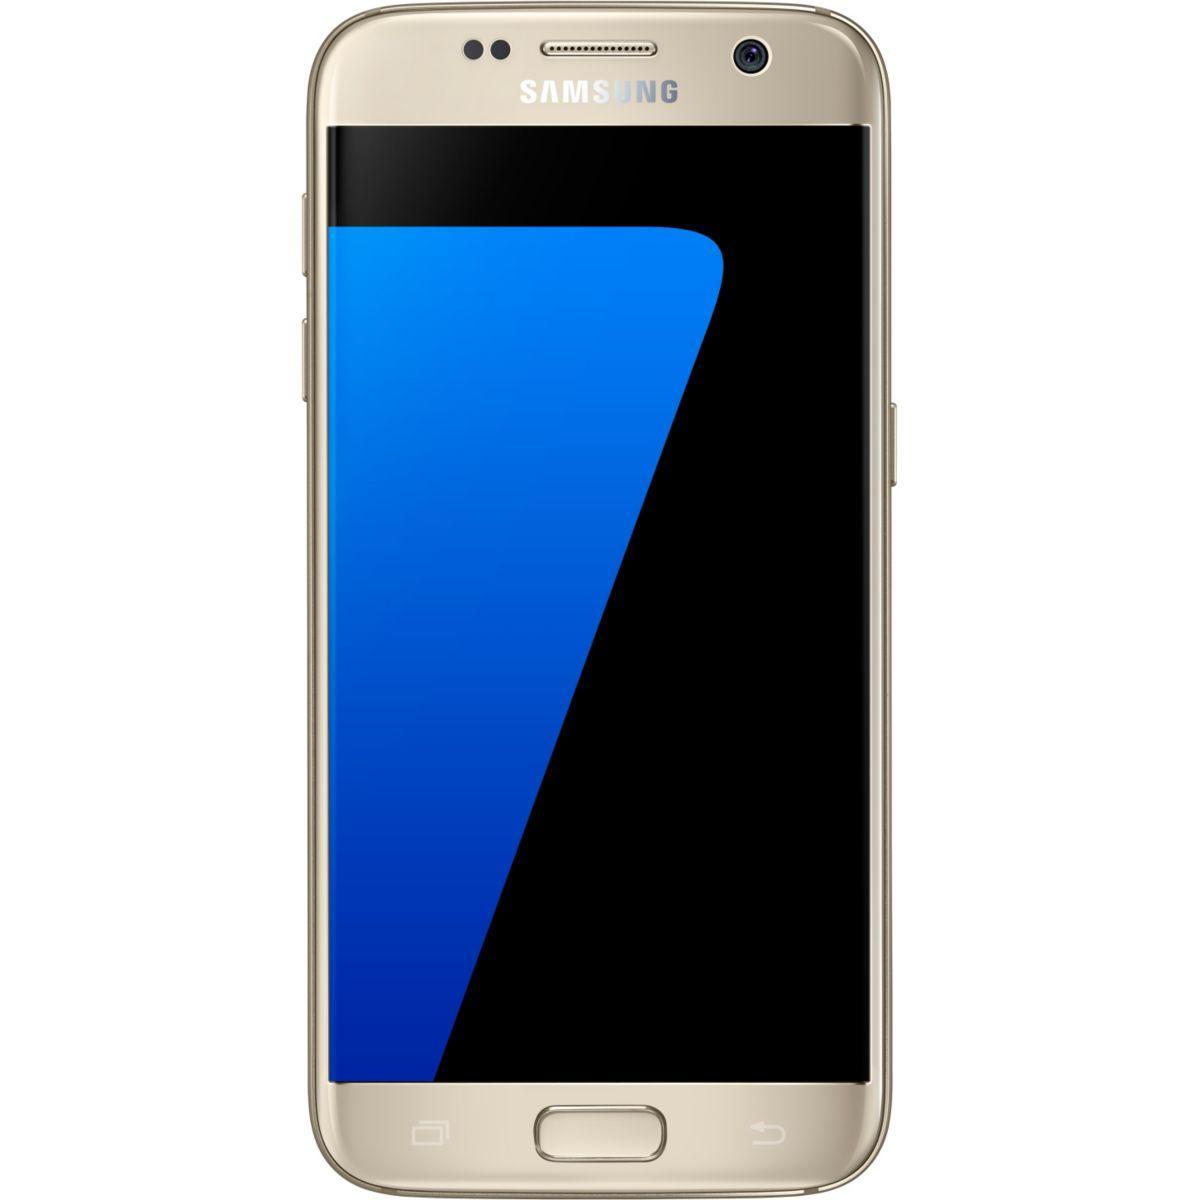 Pack promo smartphone samsung galaxy s7 32 go or + chargeur à induction samsung pad induction design s6-s7 blanc - soldes et bonnes affaires à prix im